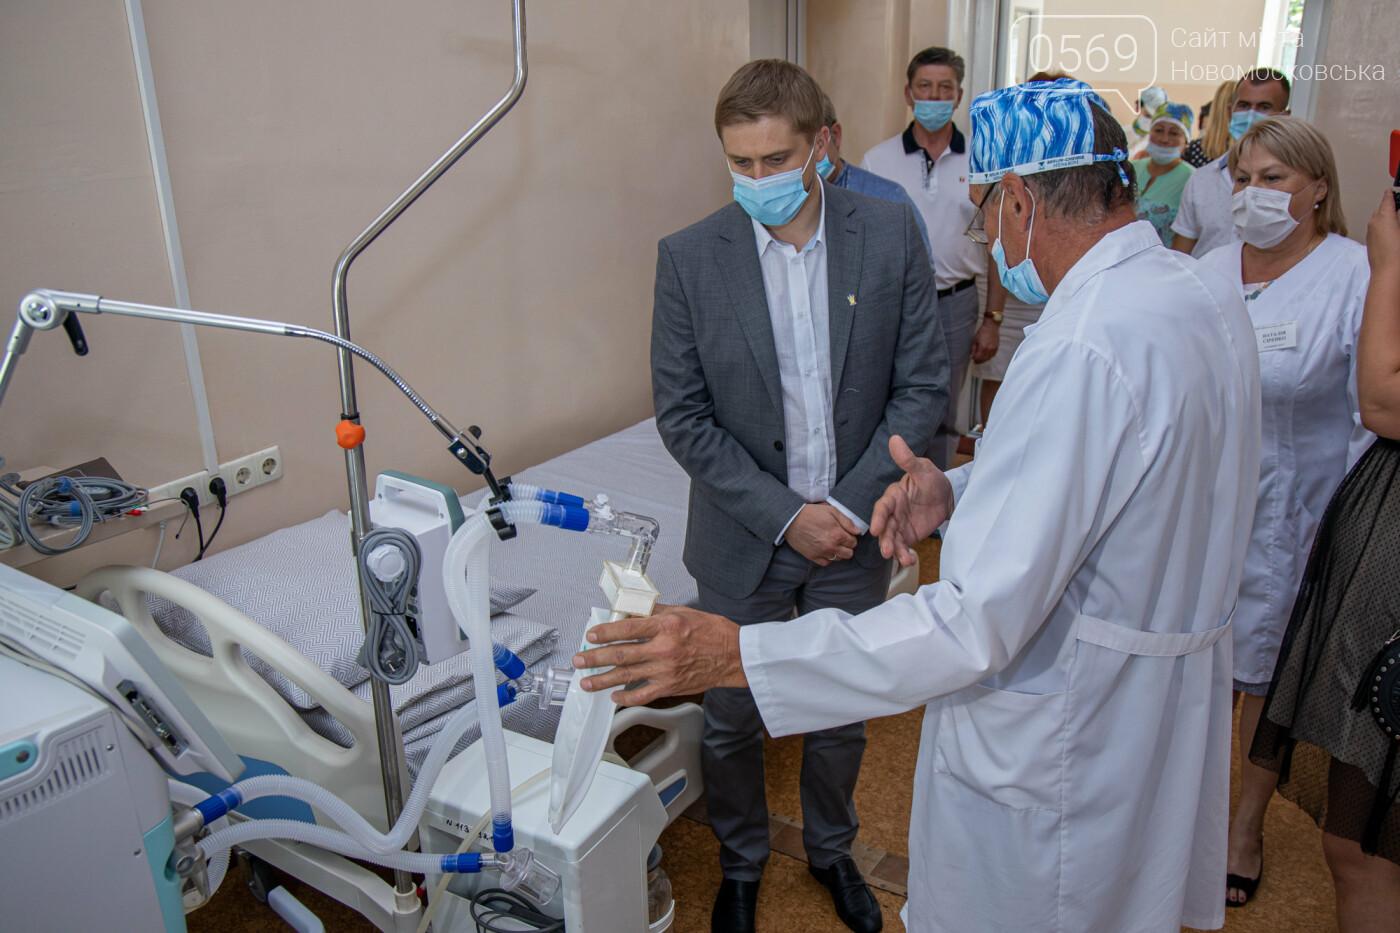 Центральна міська лікарня Новомосковська отримала апарати ШВЛ та багатофункціональні ліжка, фото-1